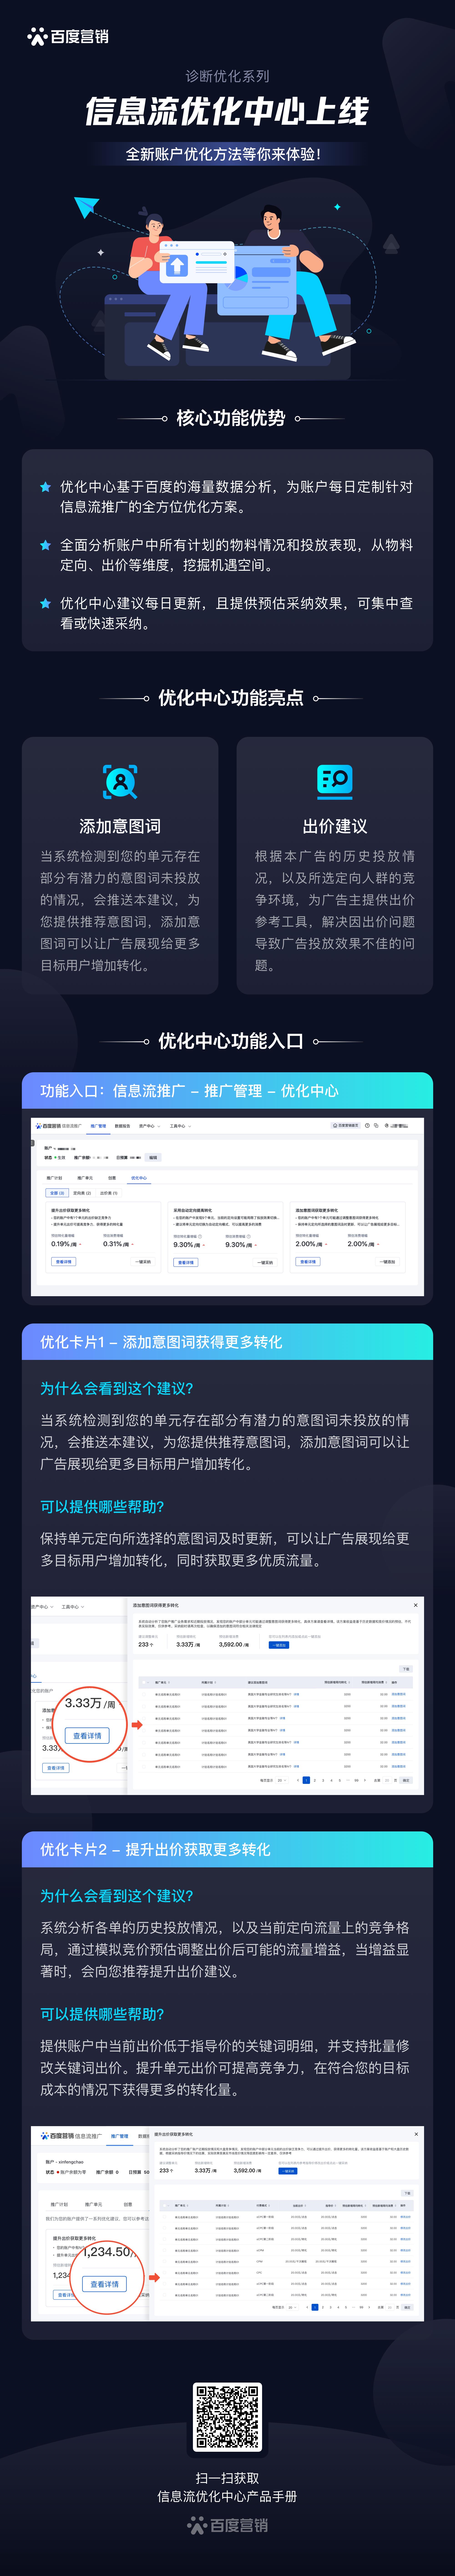 信息流优化中心上线.png